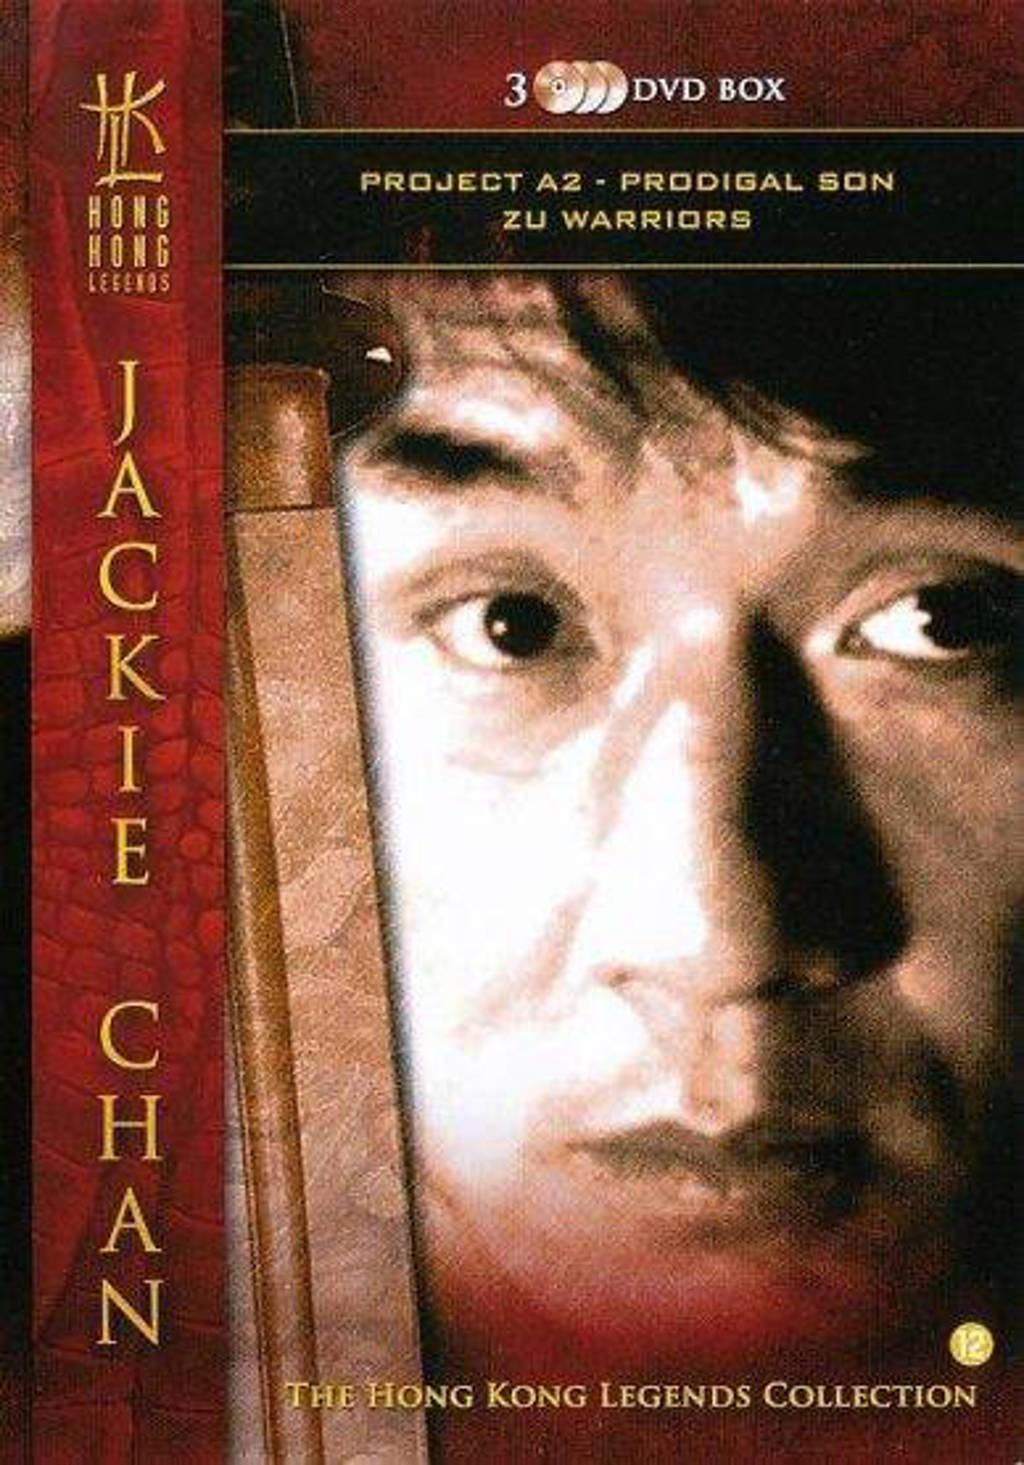 Project A2/Prodigal son/Zu warriors (DVD)